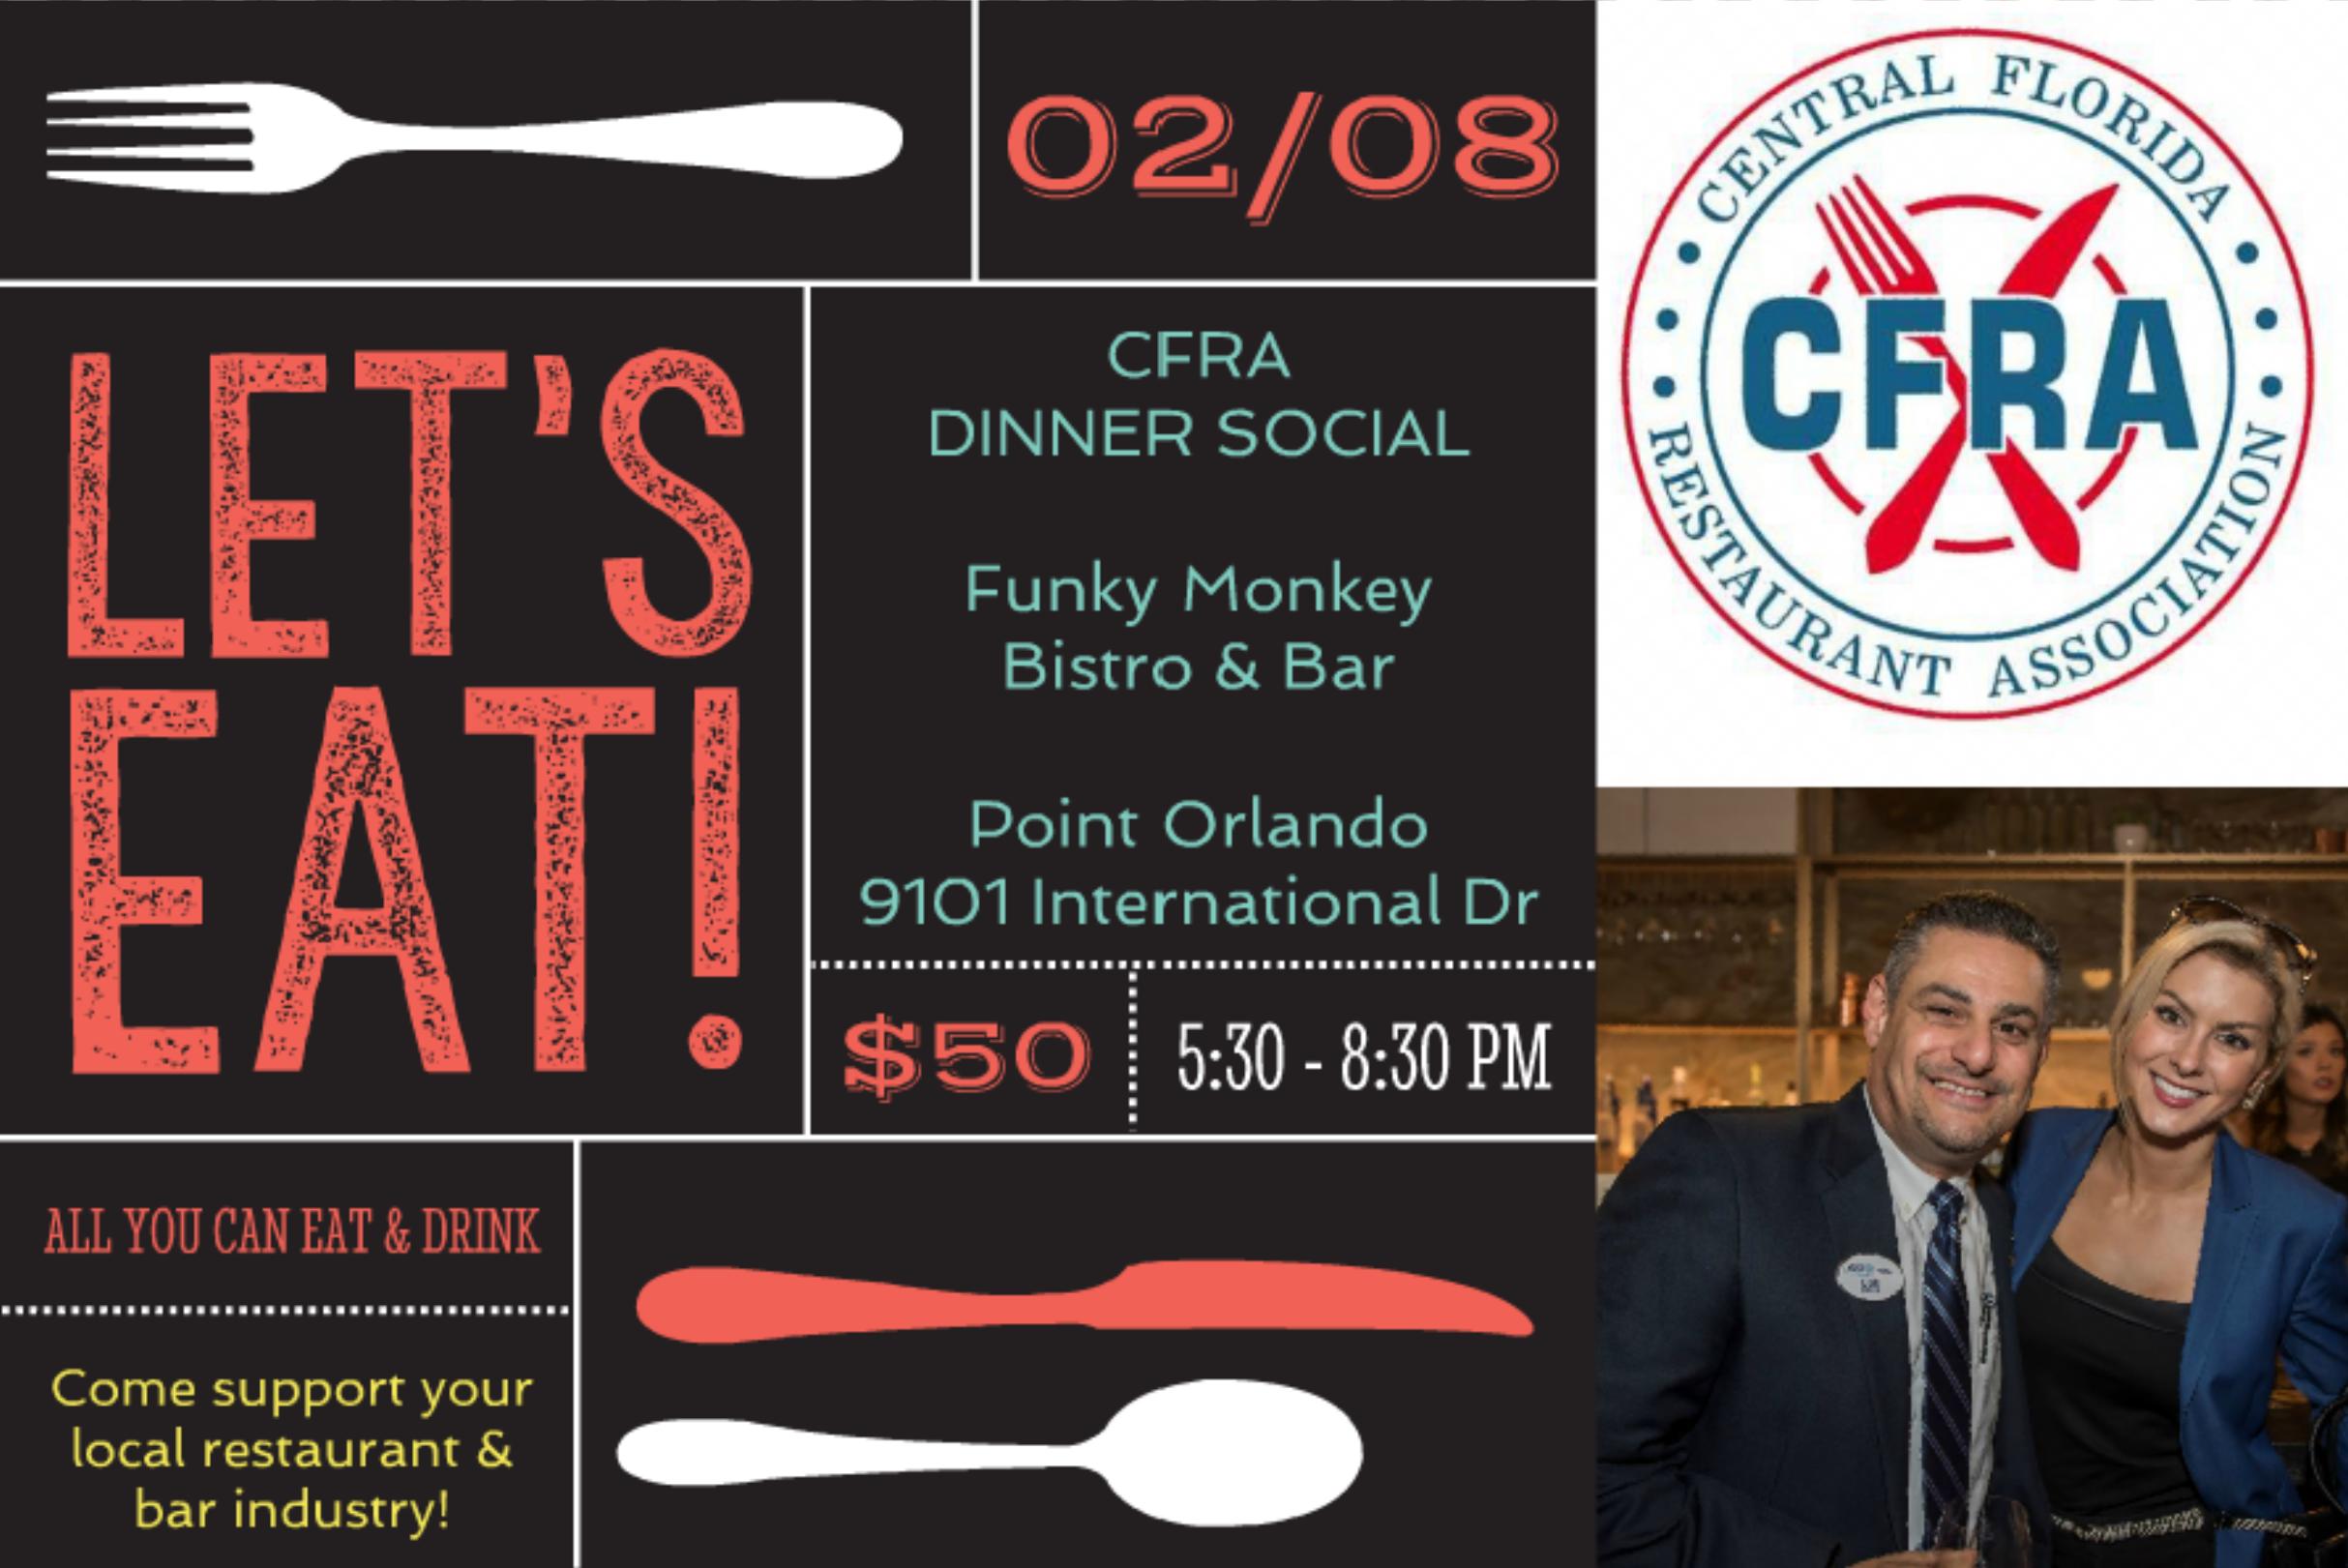 Inaugural Social Dinner for the CFRA Image